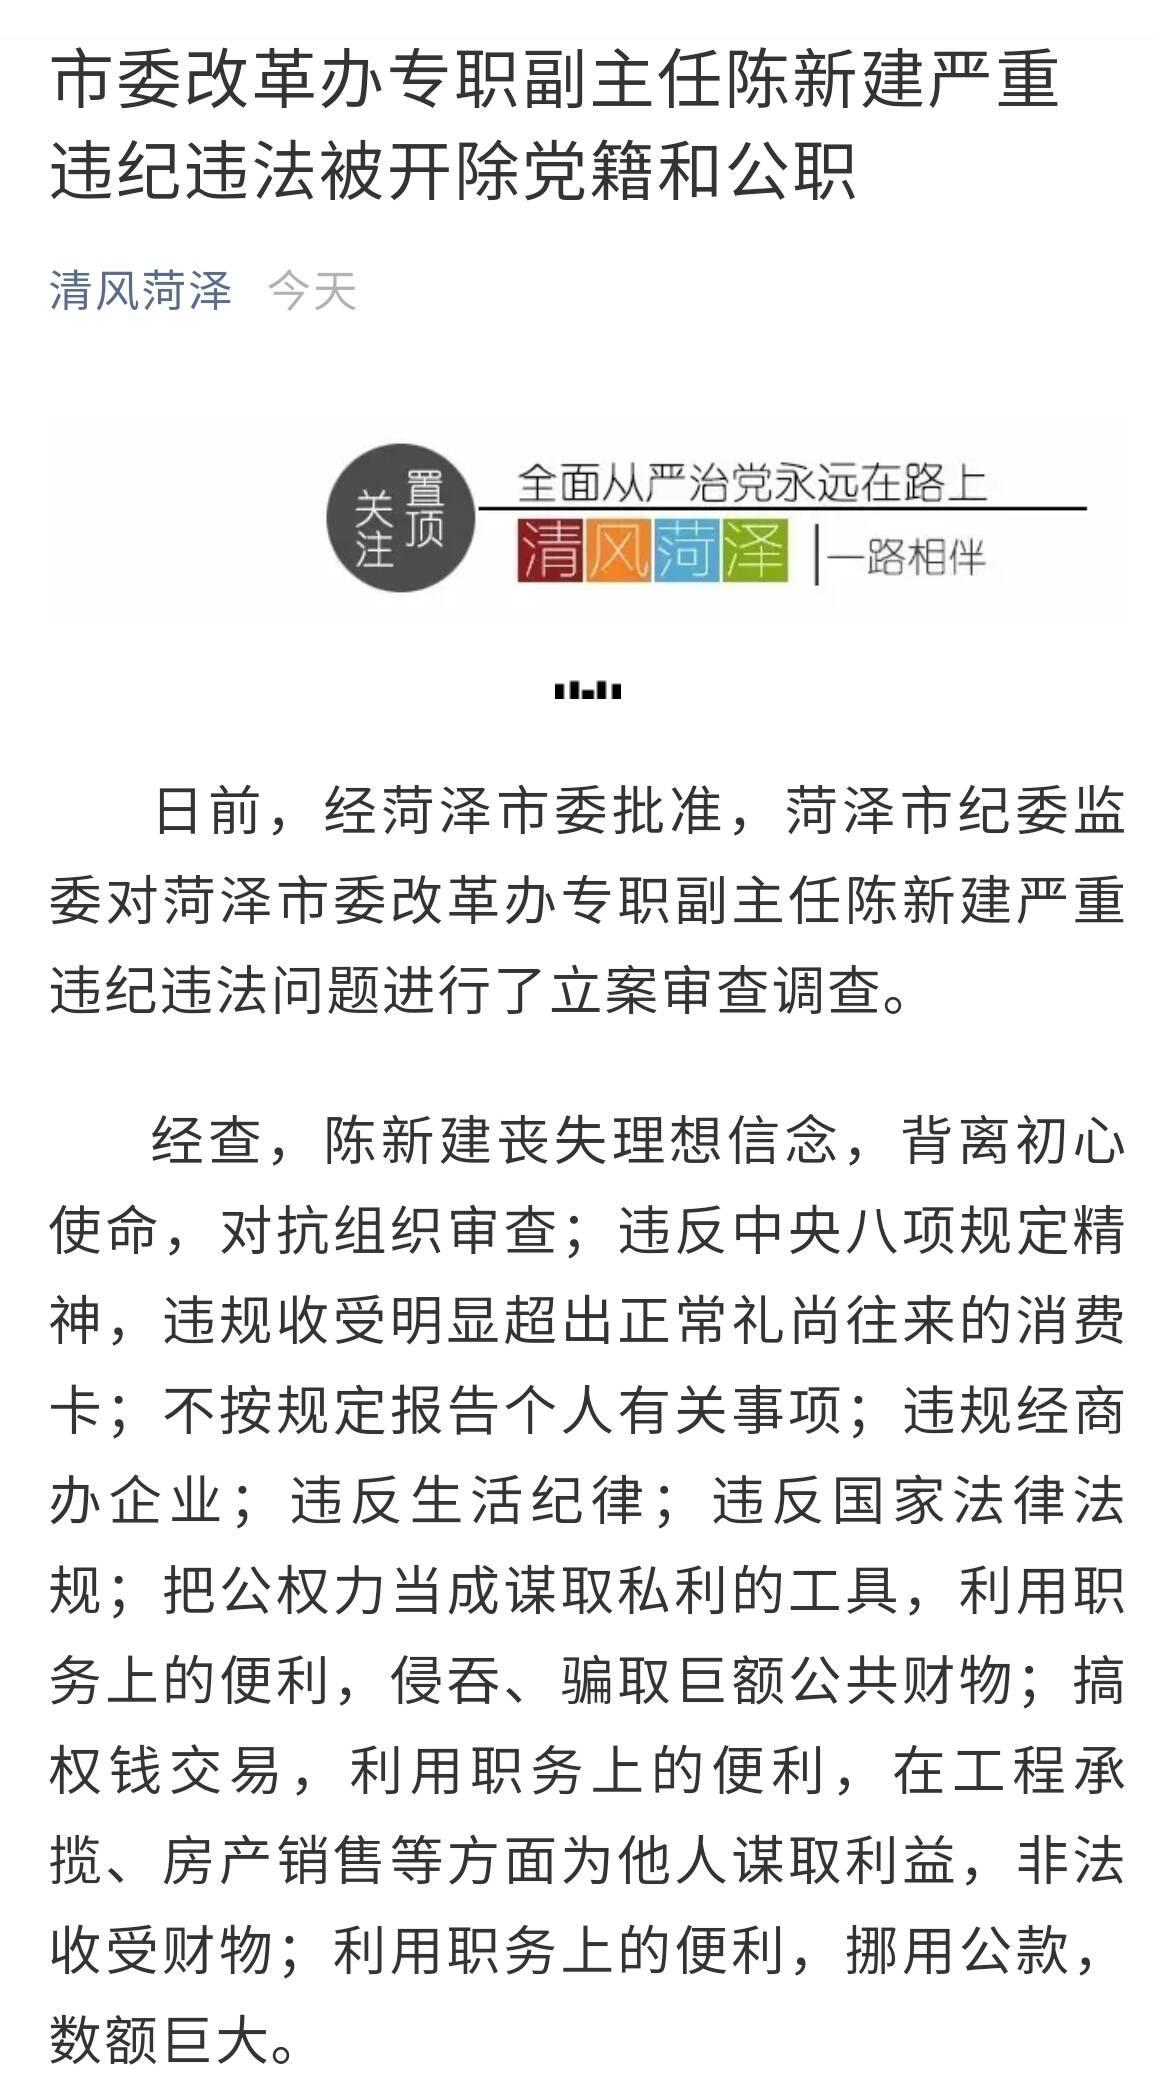 菏泽市委改革办专职副主任陈新建严重违纪违法被开除党籍和公职